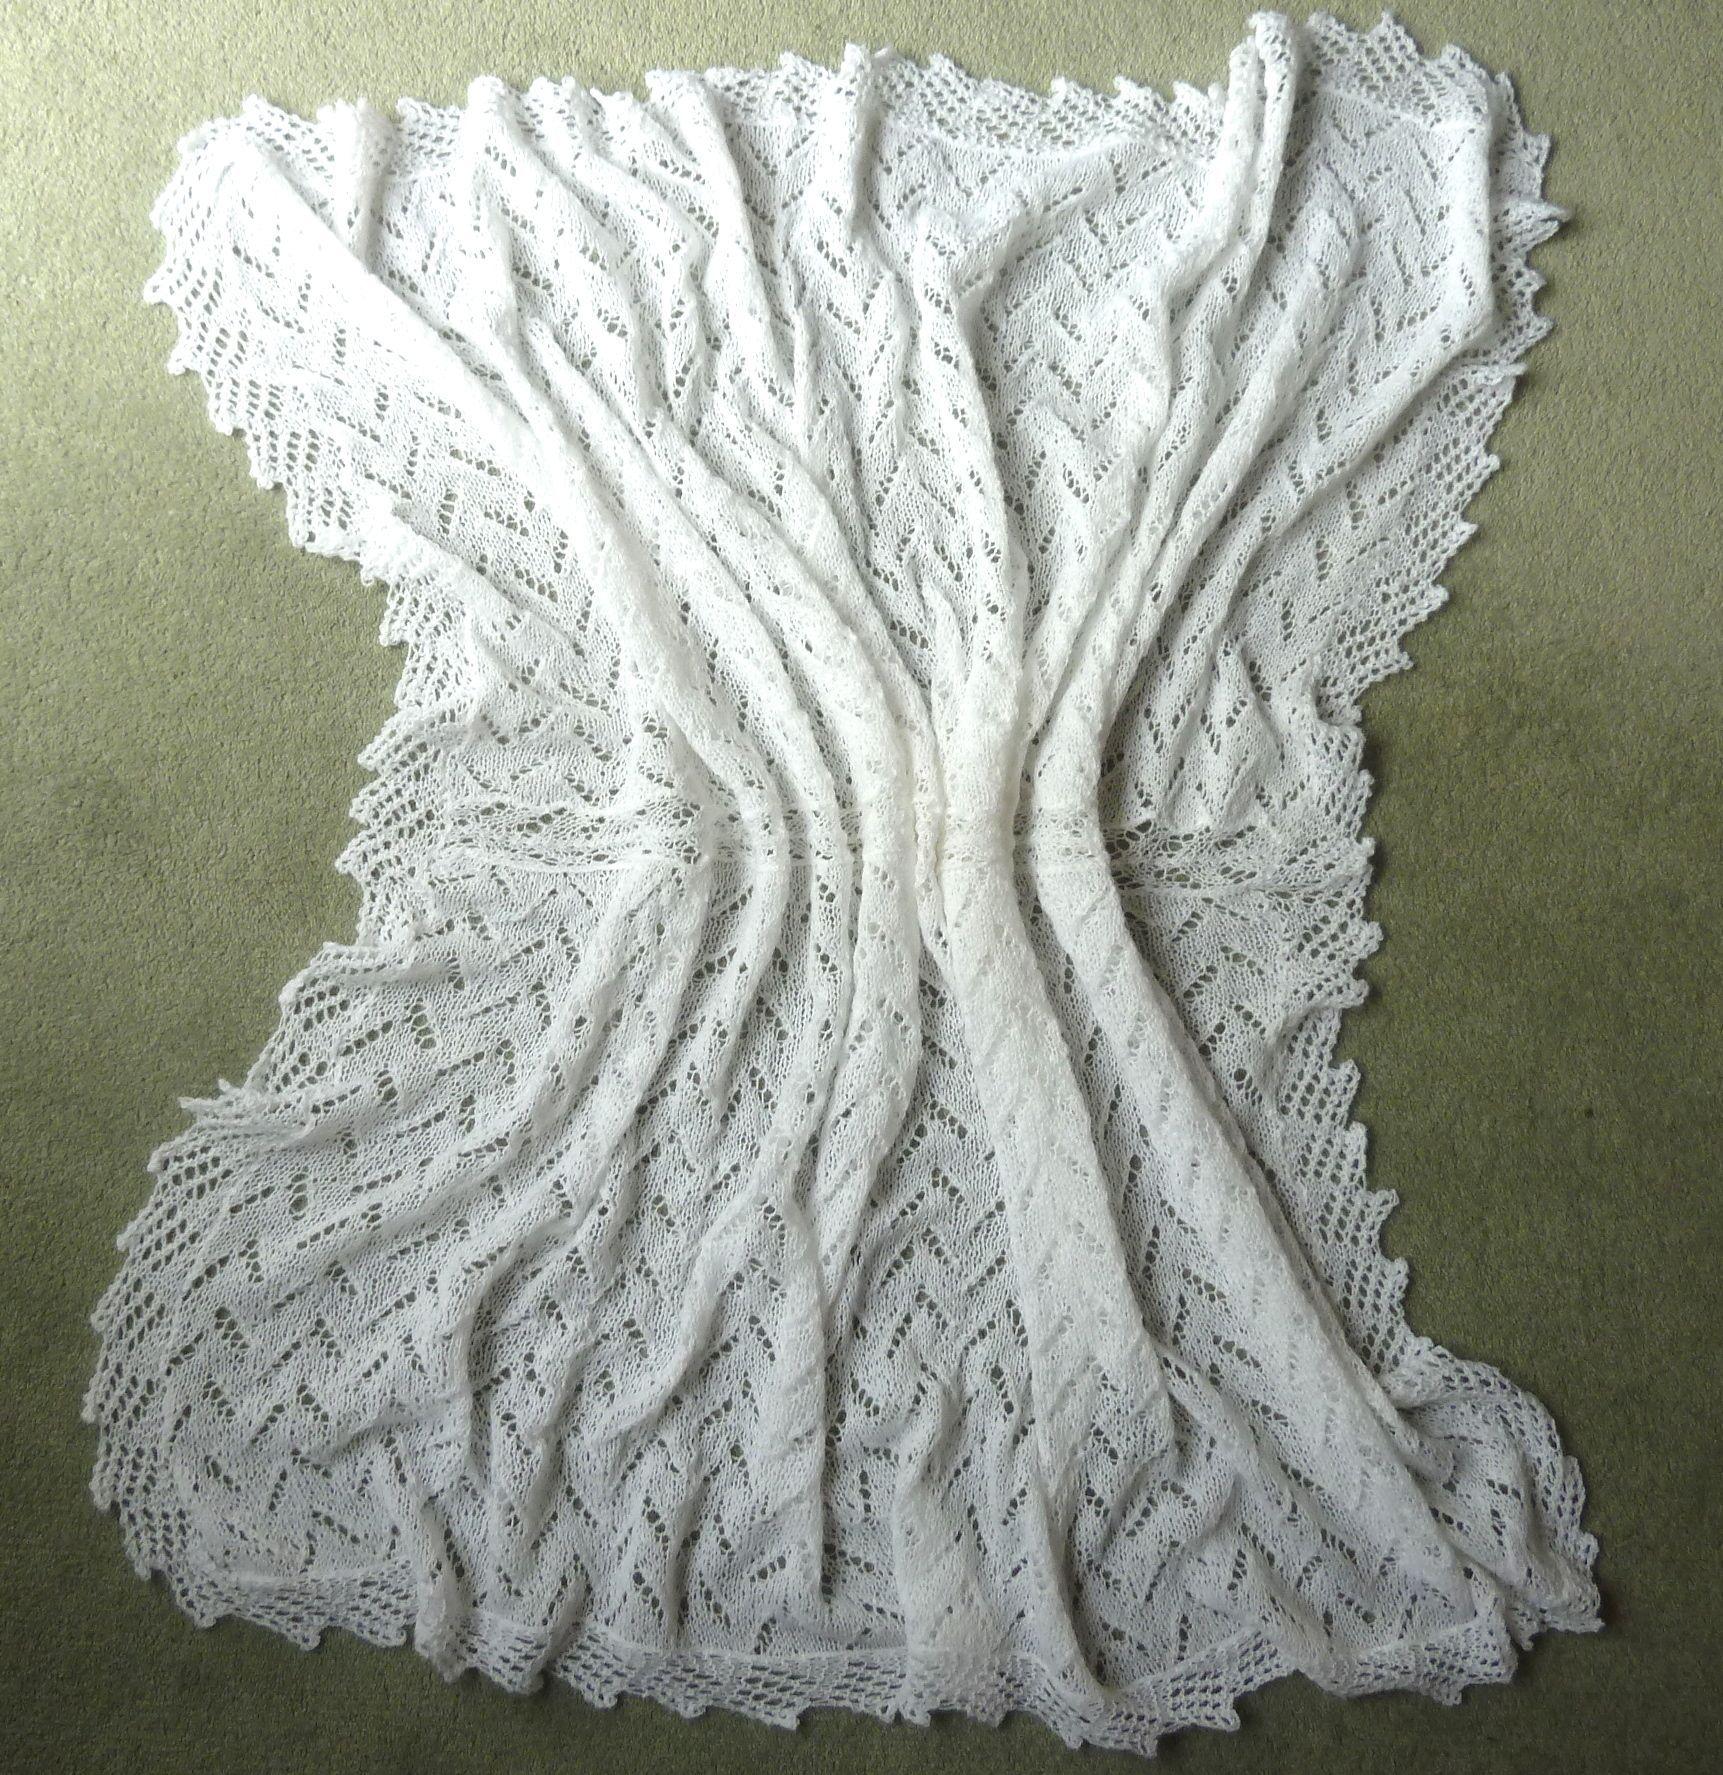 A fine knit baby shawl/blanket